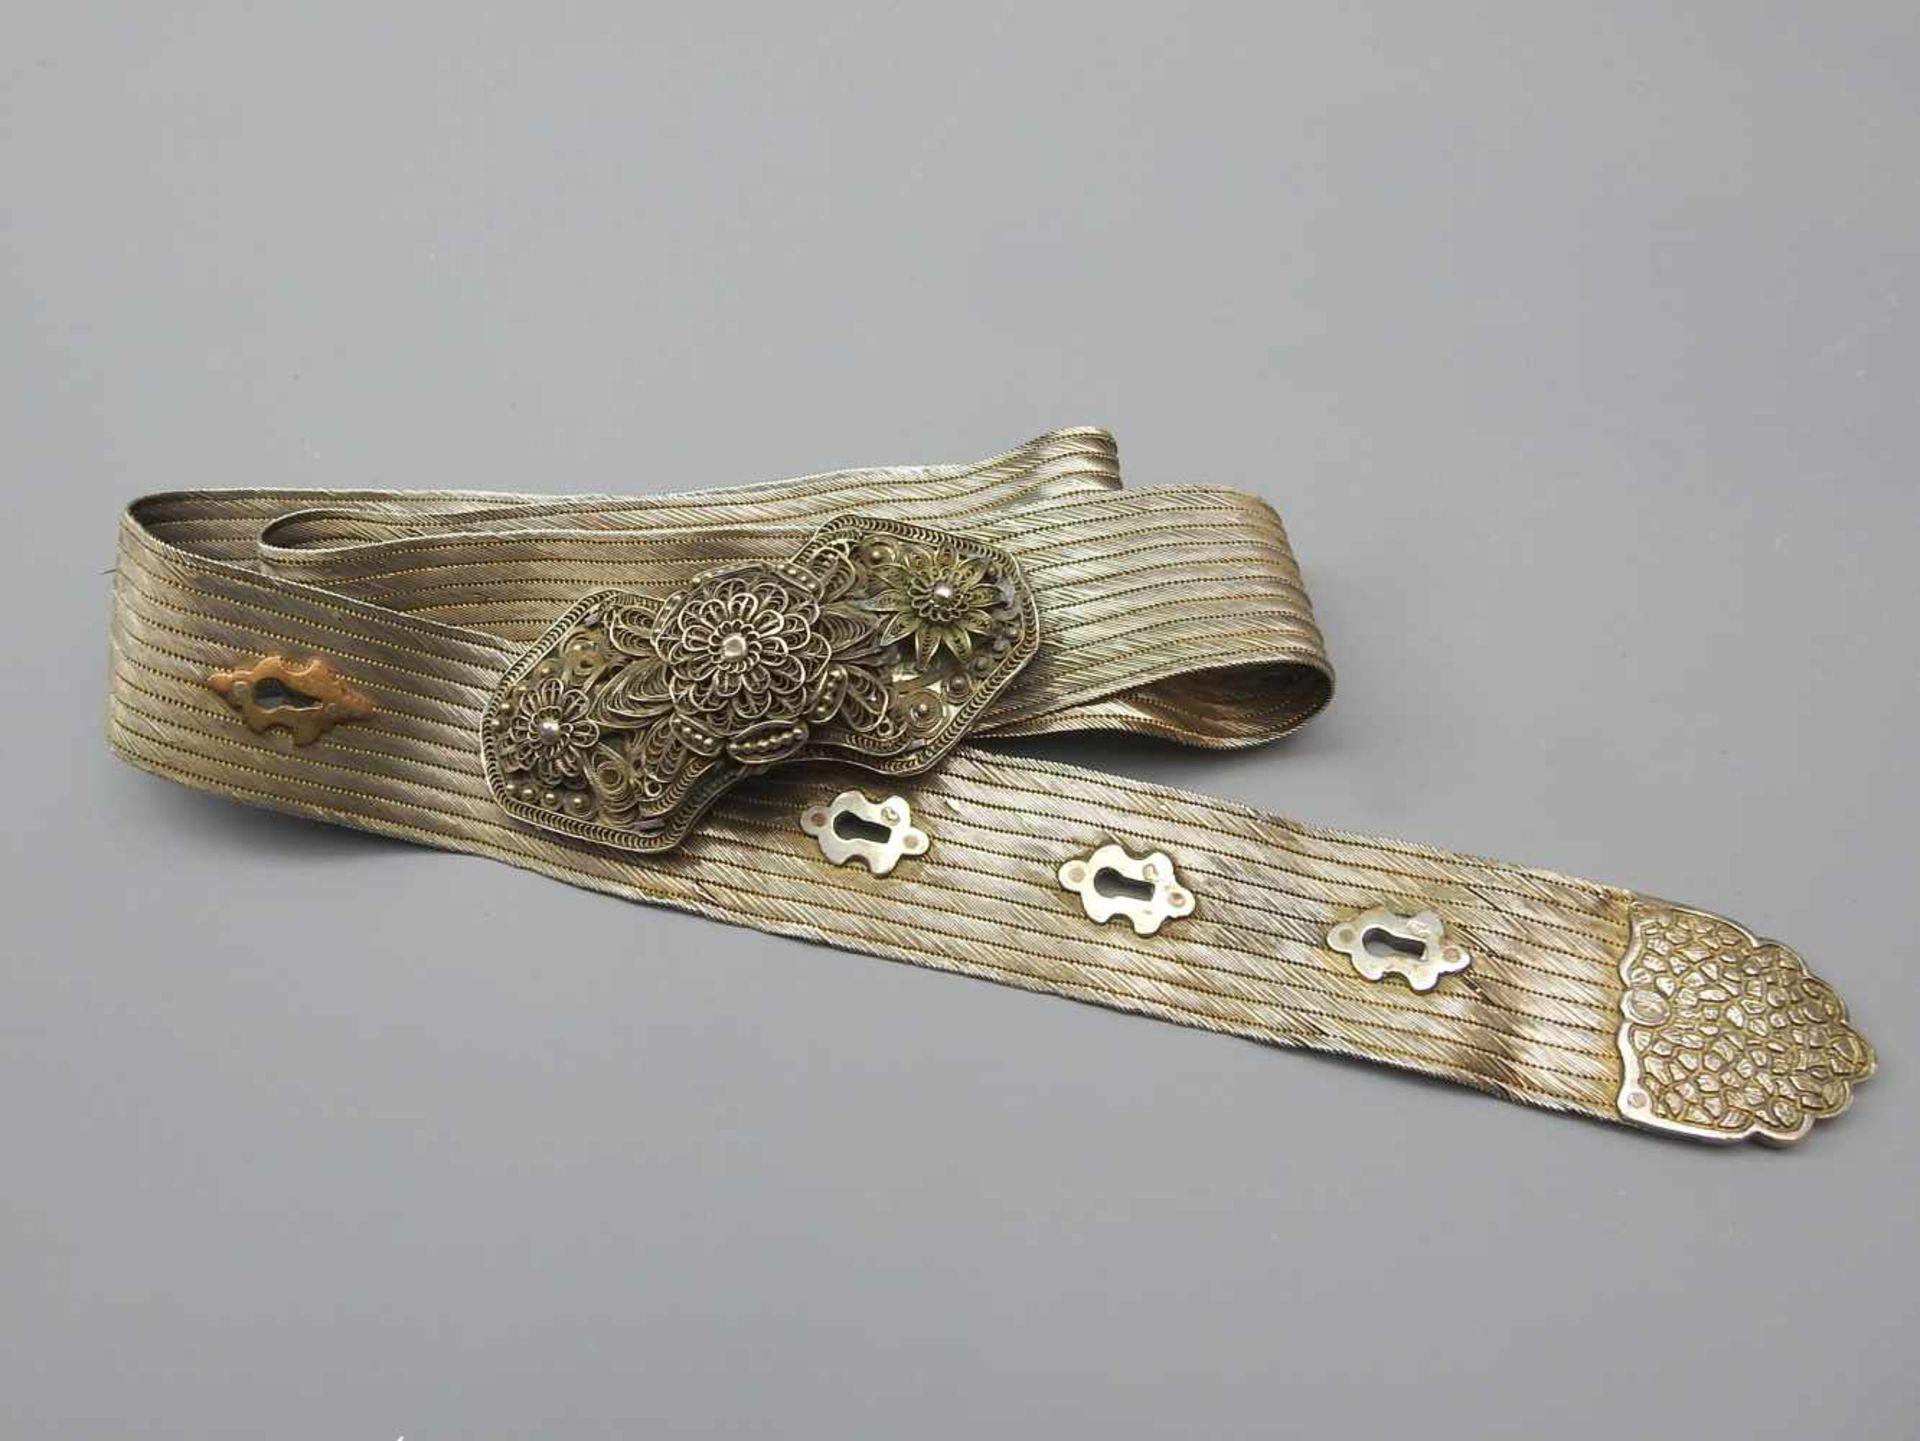 Los 18 - Antiker osmanischer GürtelSilber 900, mehrmals mit Tughra-Stempel punziert, Schnalle weist zwei